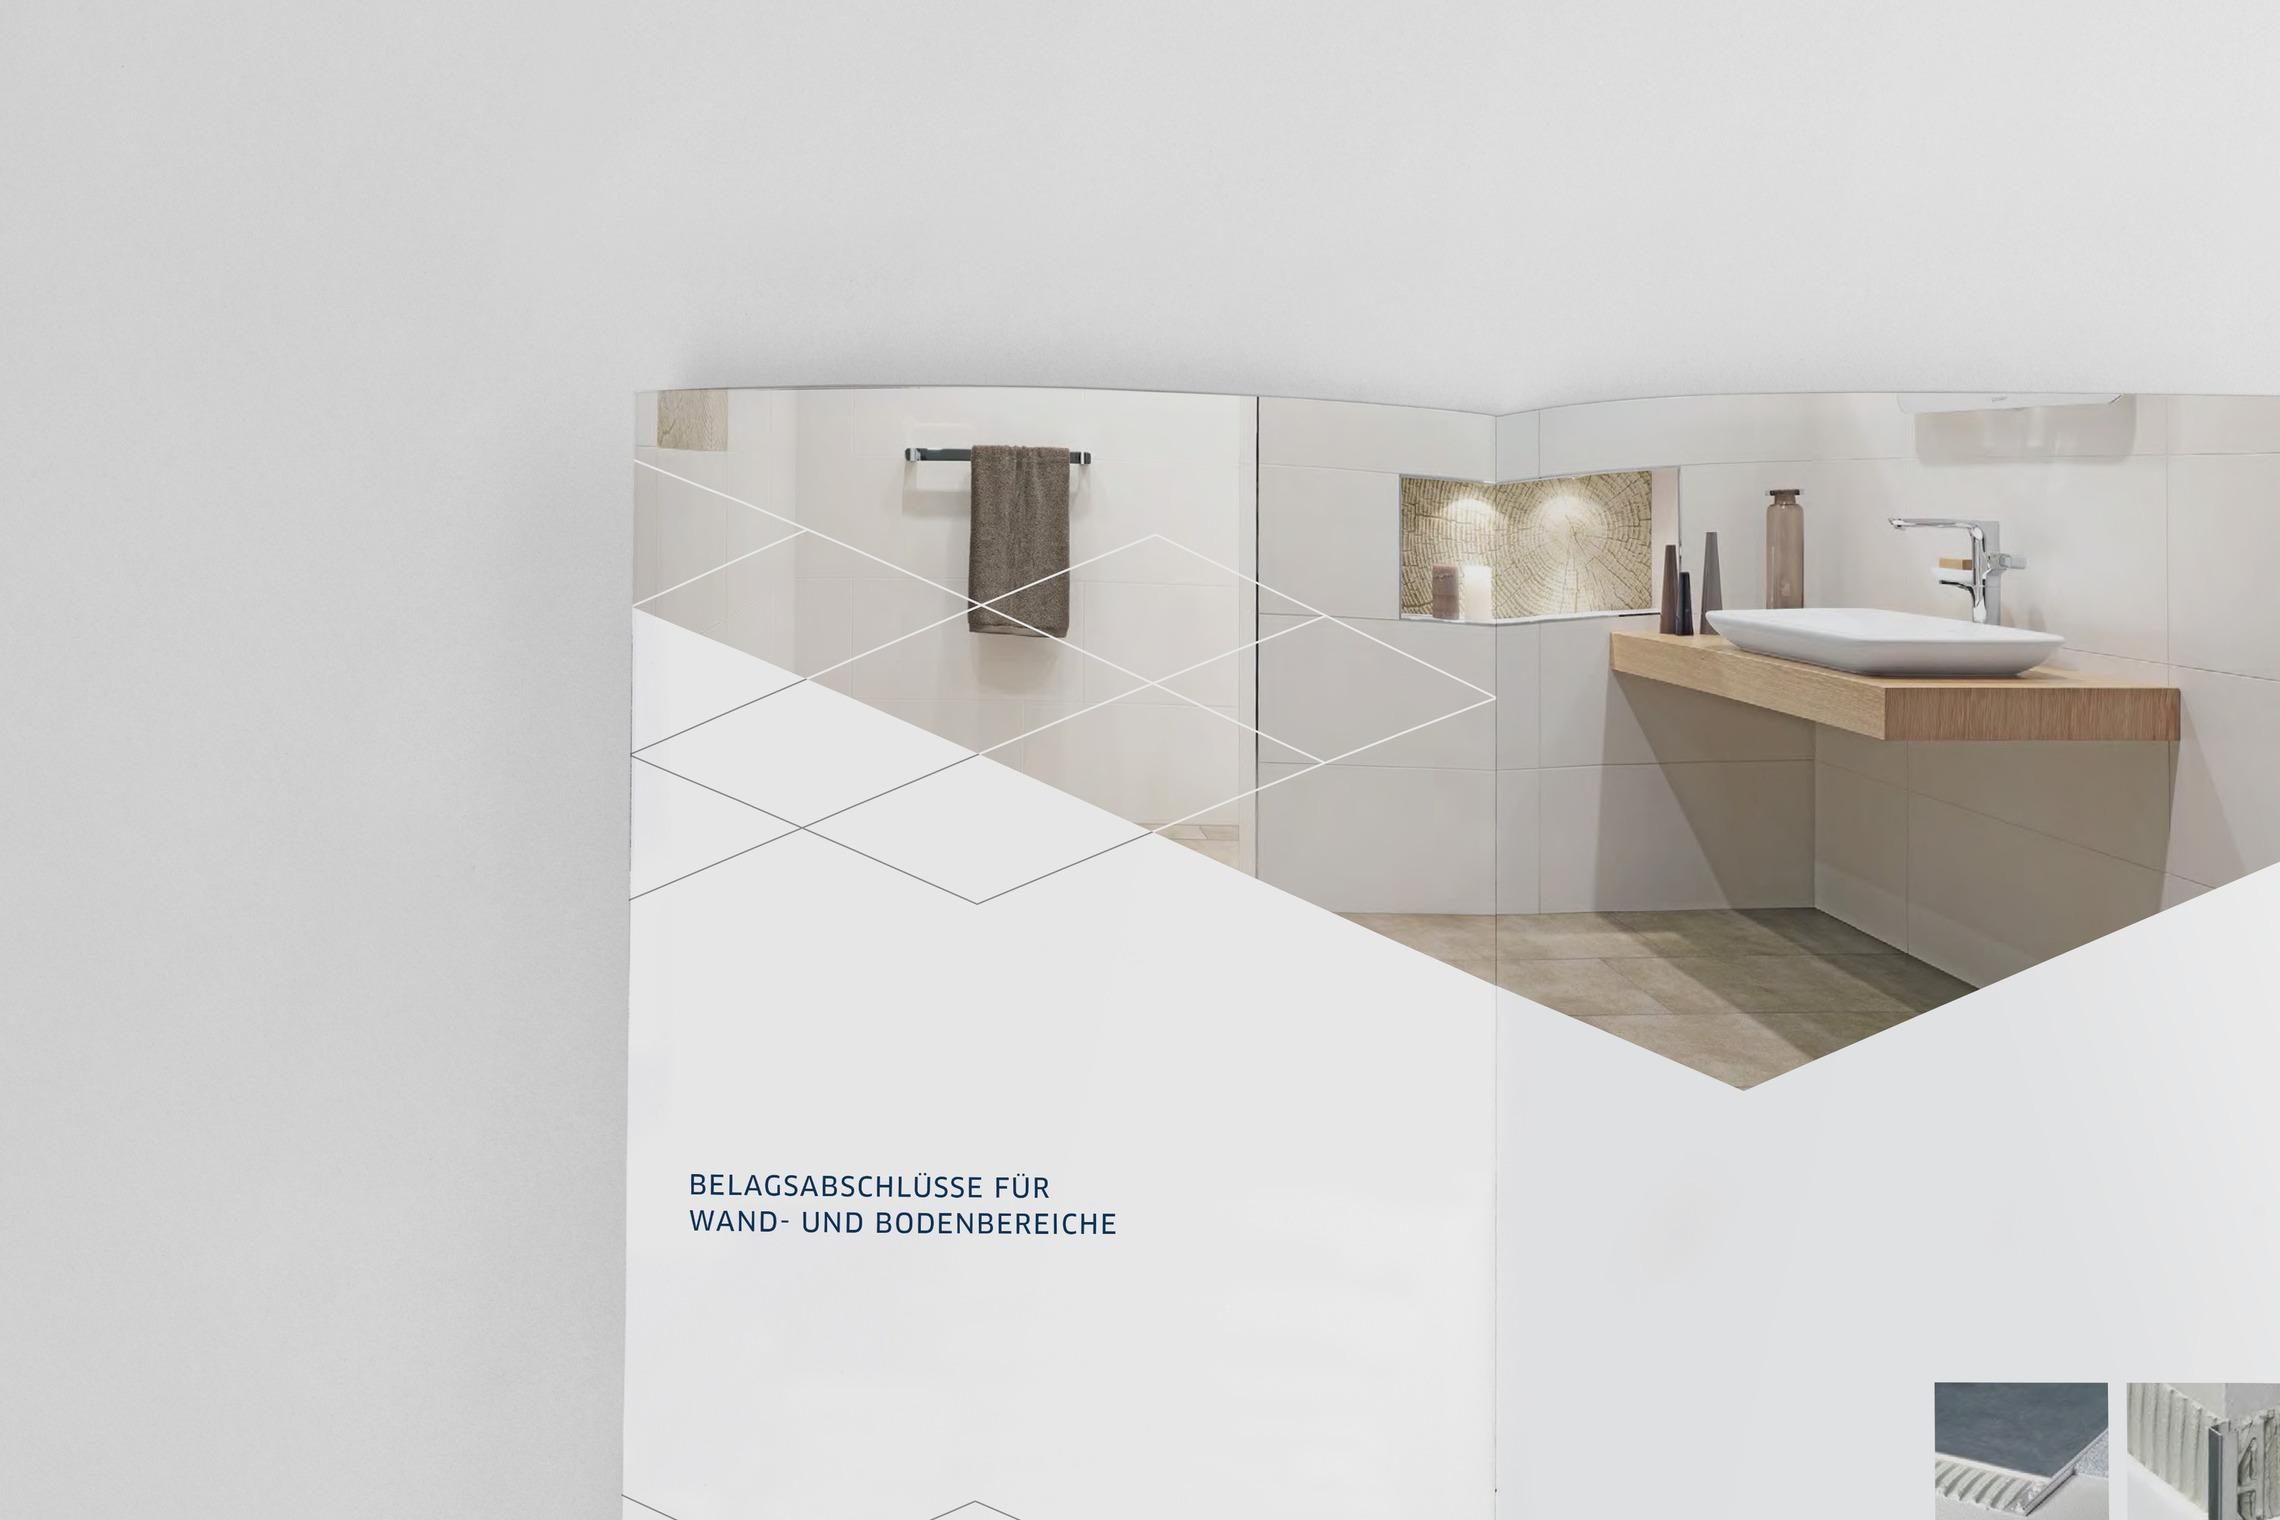 Brand Design und Bildwelt prägen das neue moderne und zukunftsorientierte Erscheinungsbild von Blanke.